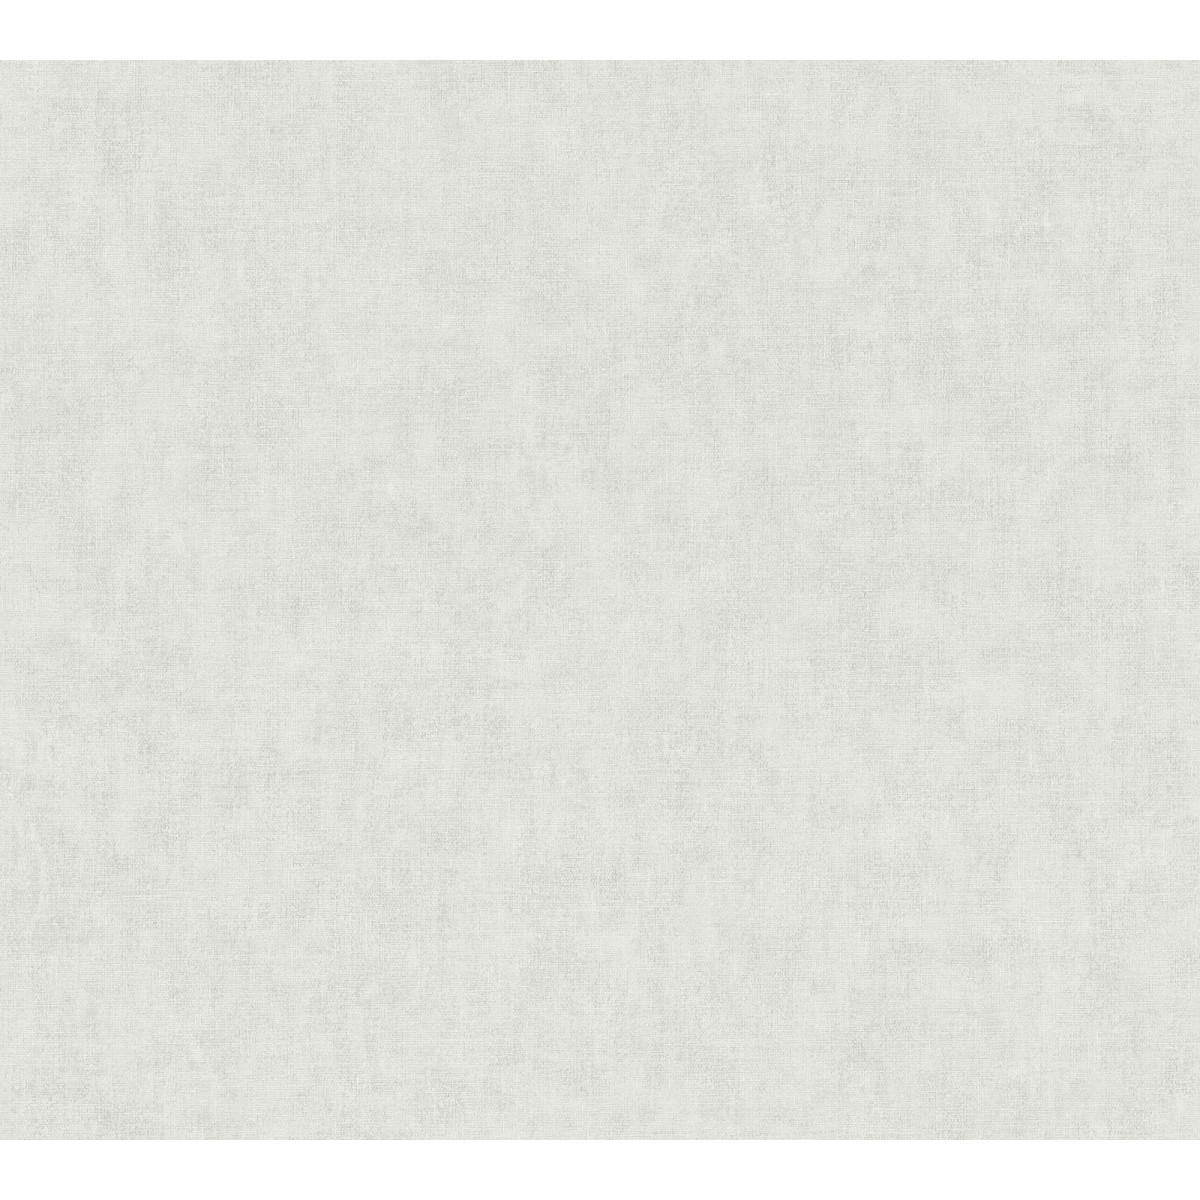 Обои флизелиновые A.S. Création Tapeten Ag Geo Nordic серые 375354 0.53 м